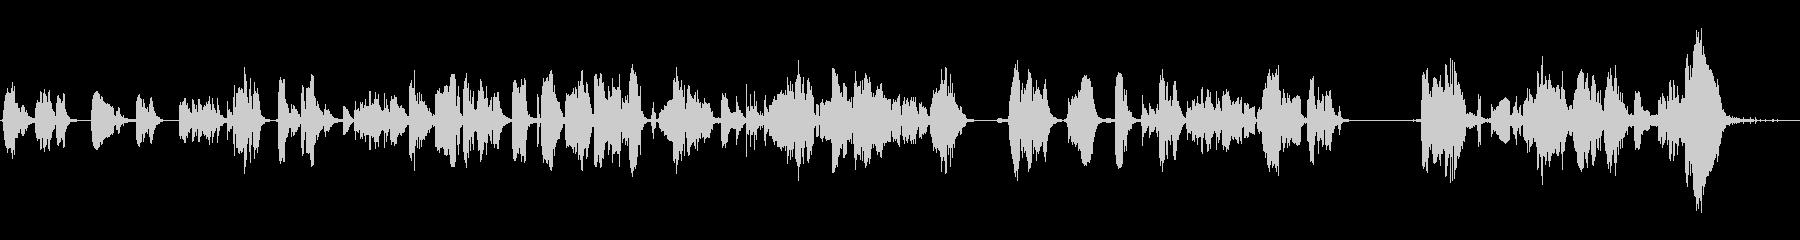 重いオーディオアークとスパークの未再生の波形